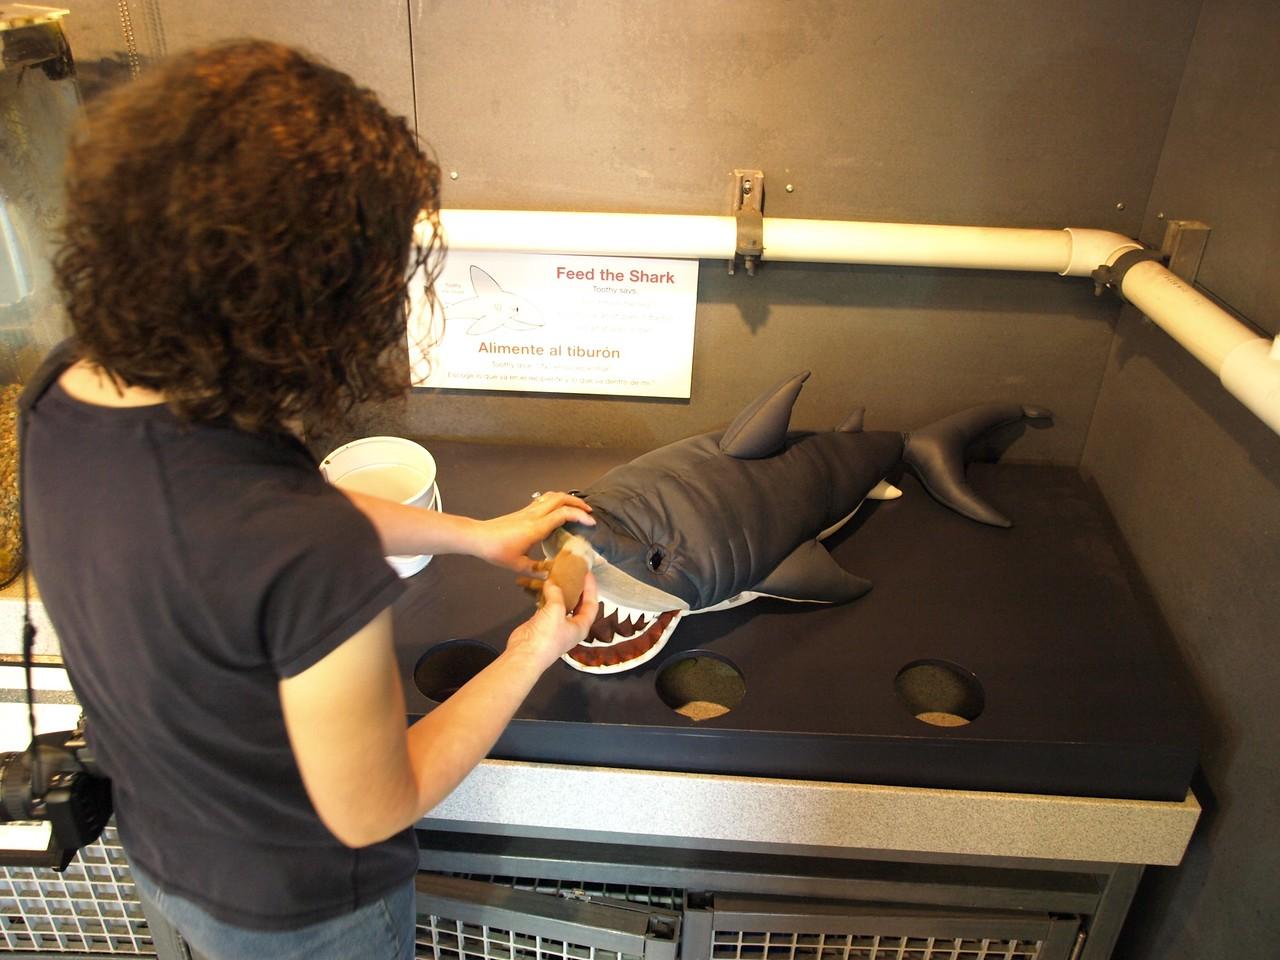 Katie feeds the shark.